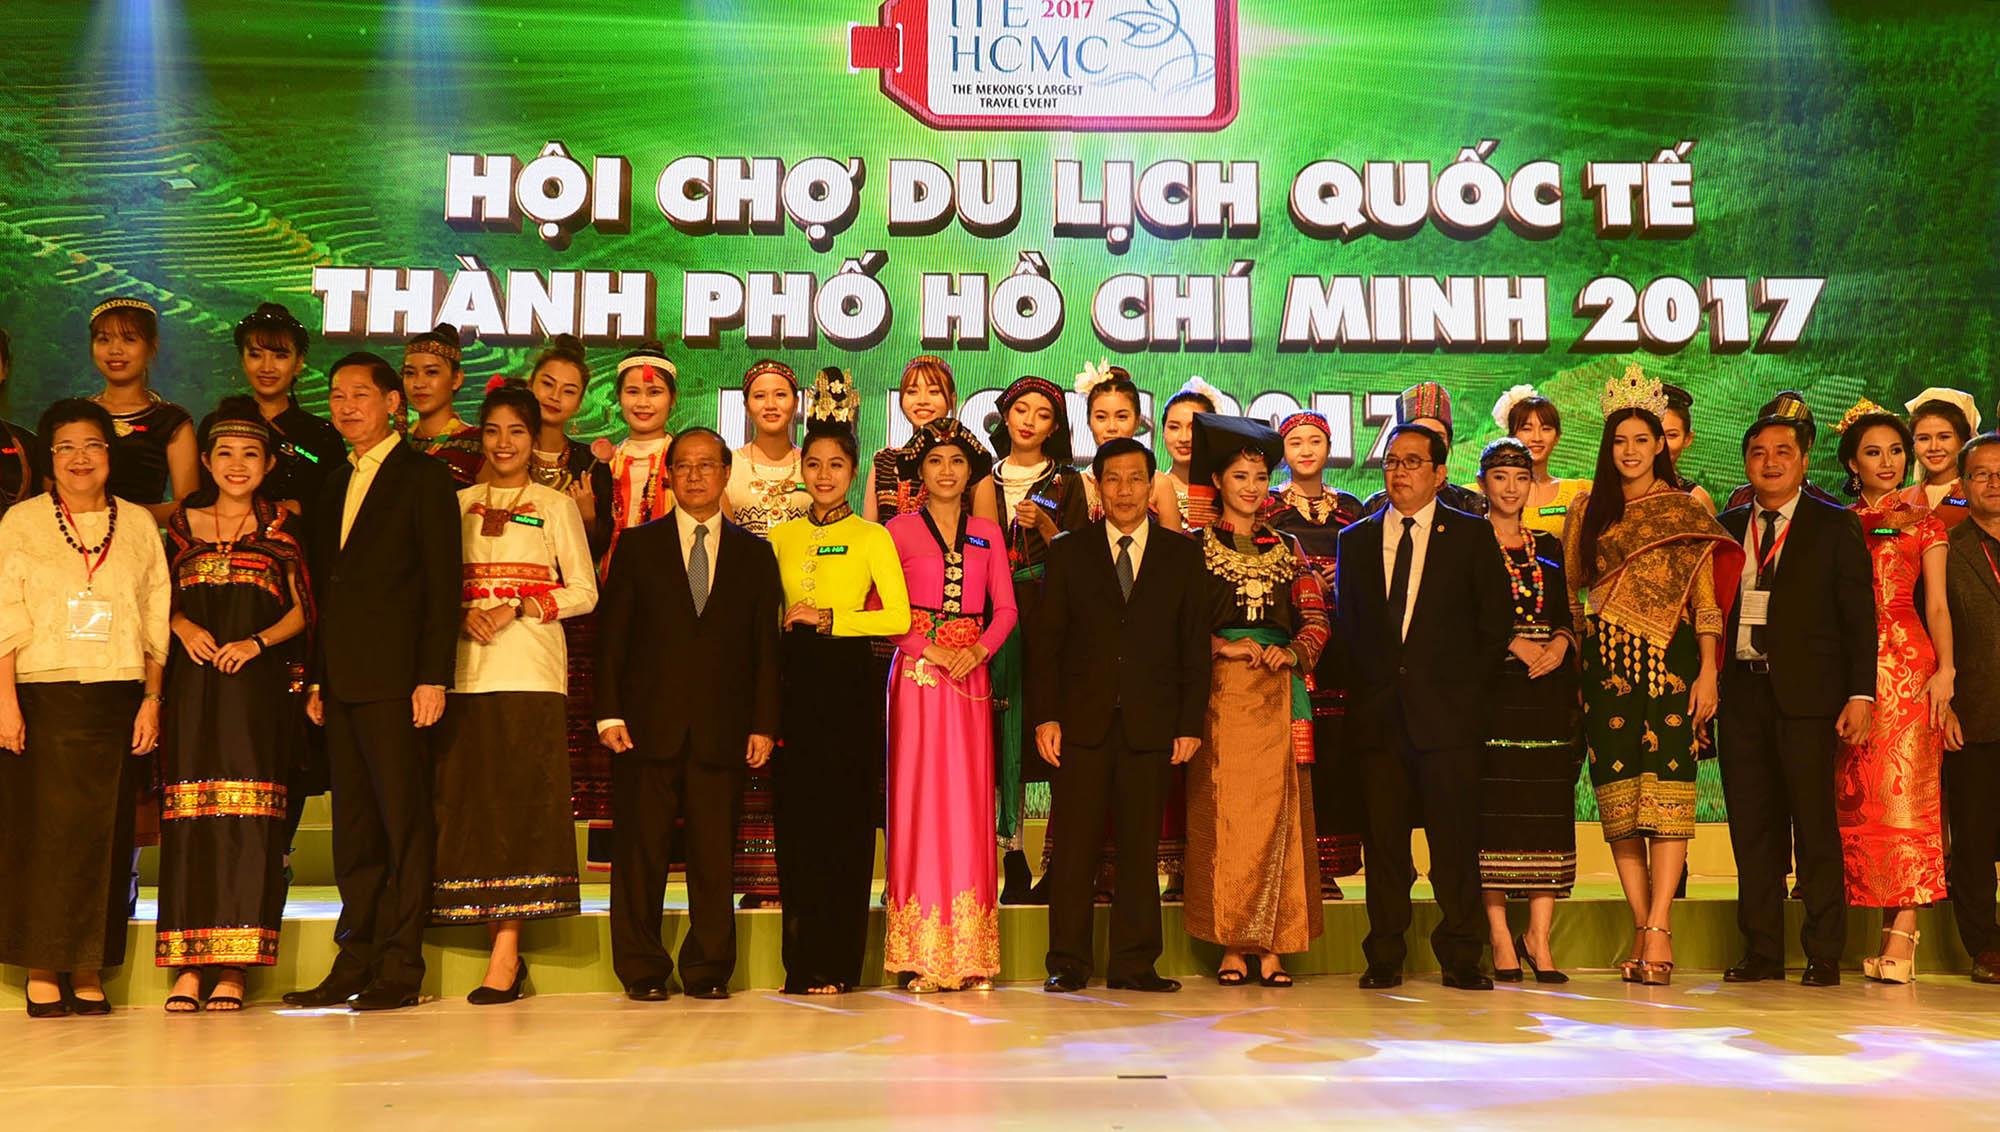 Hội chợ du lịch quốc tế TP.HCM tưng bừng từ 7 đến 9-9 - Ảnh 6.